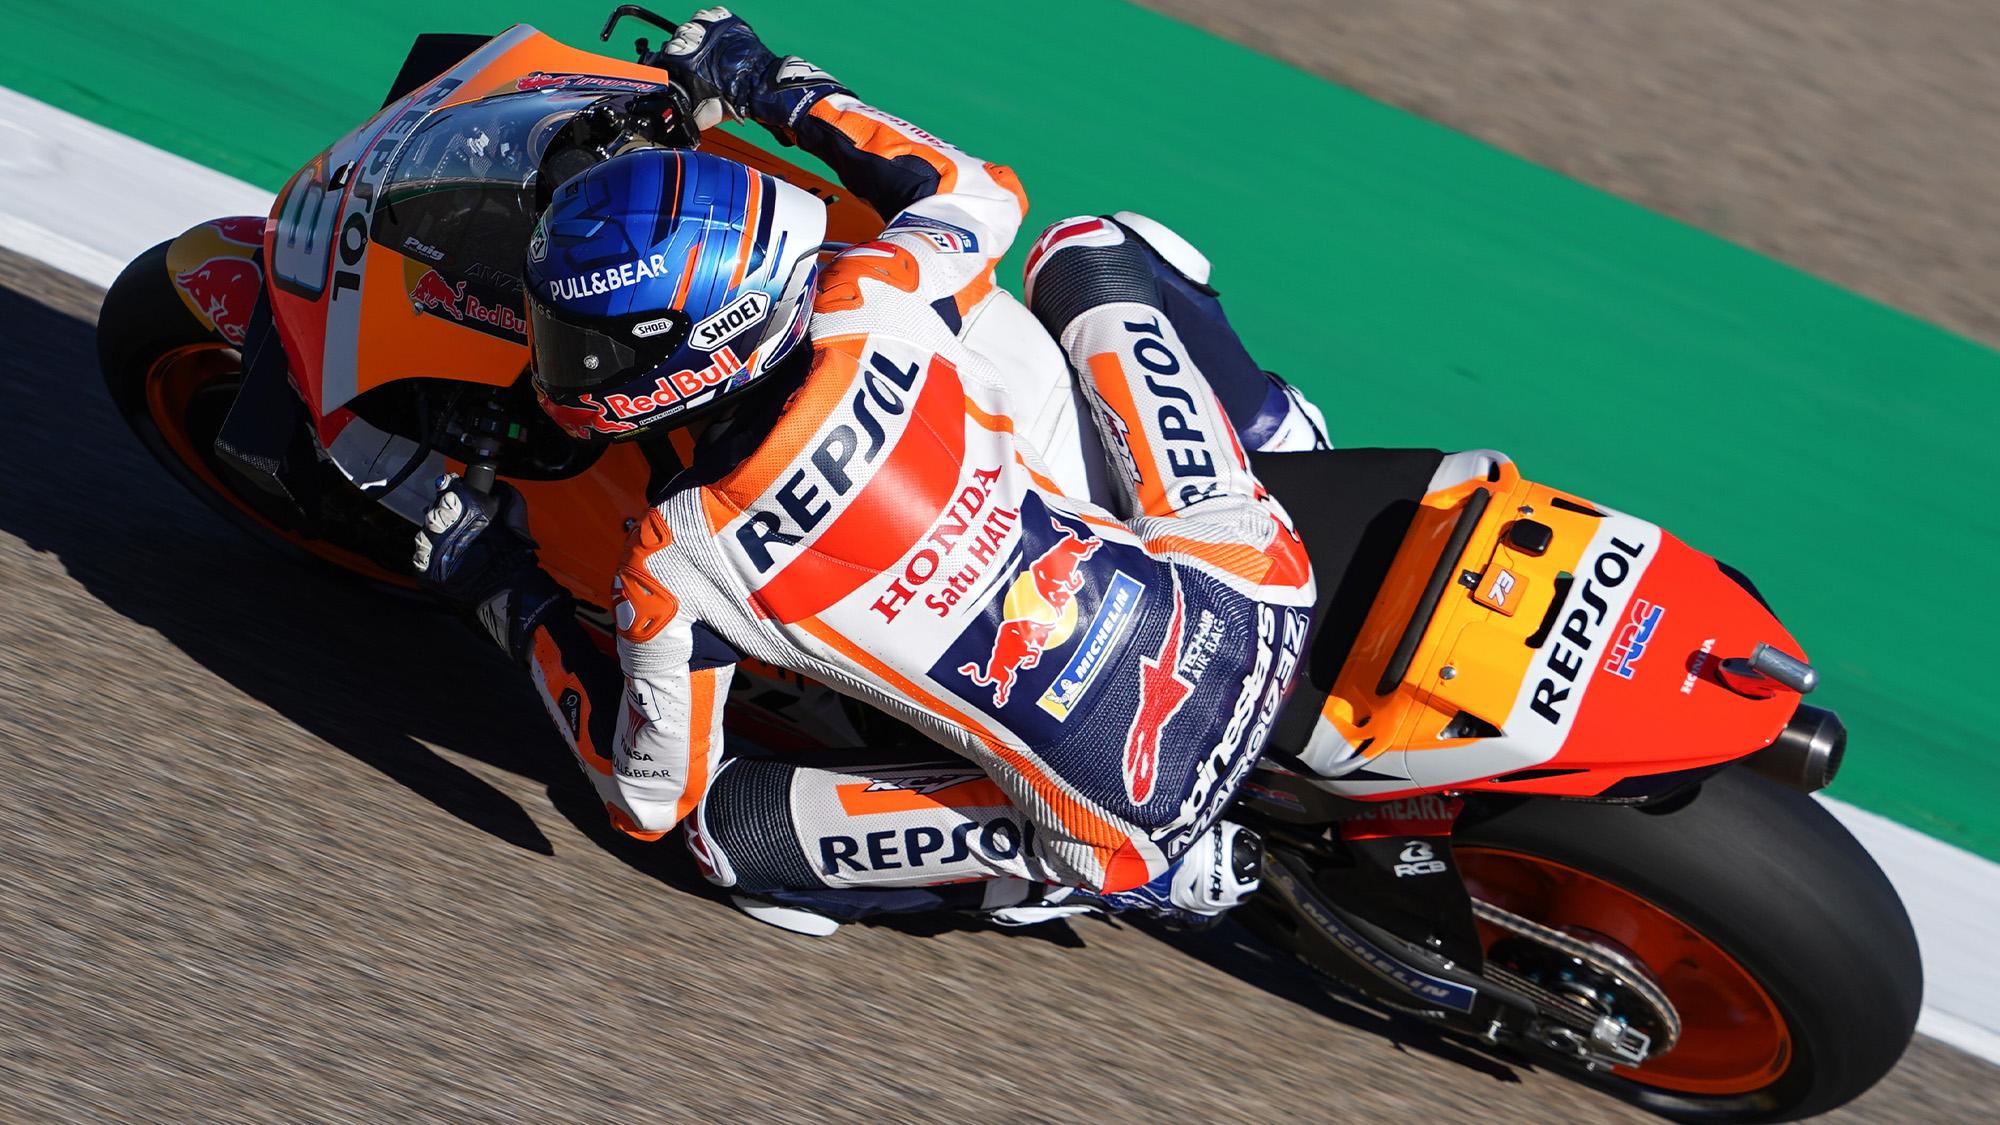 Alex Marquez on track at Aragon in the 2020 MotoGP Teruel Grand Prix